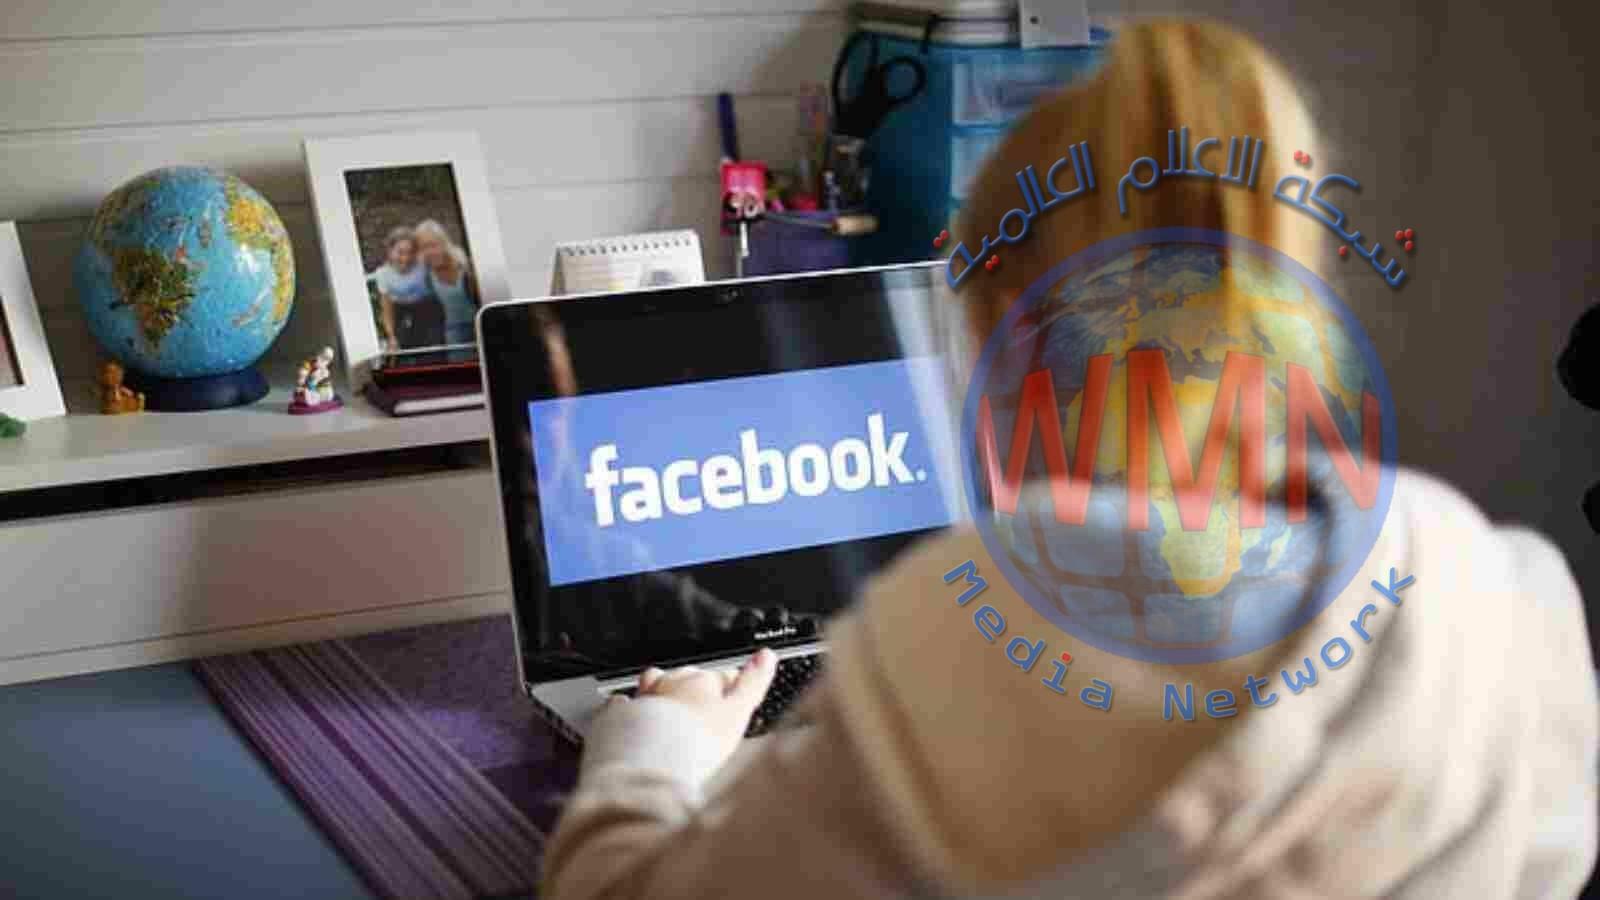 دراسة: وسائل التواصل الاجتماعي لا تضر بالمراهقين ولا تسبب تعاستهم